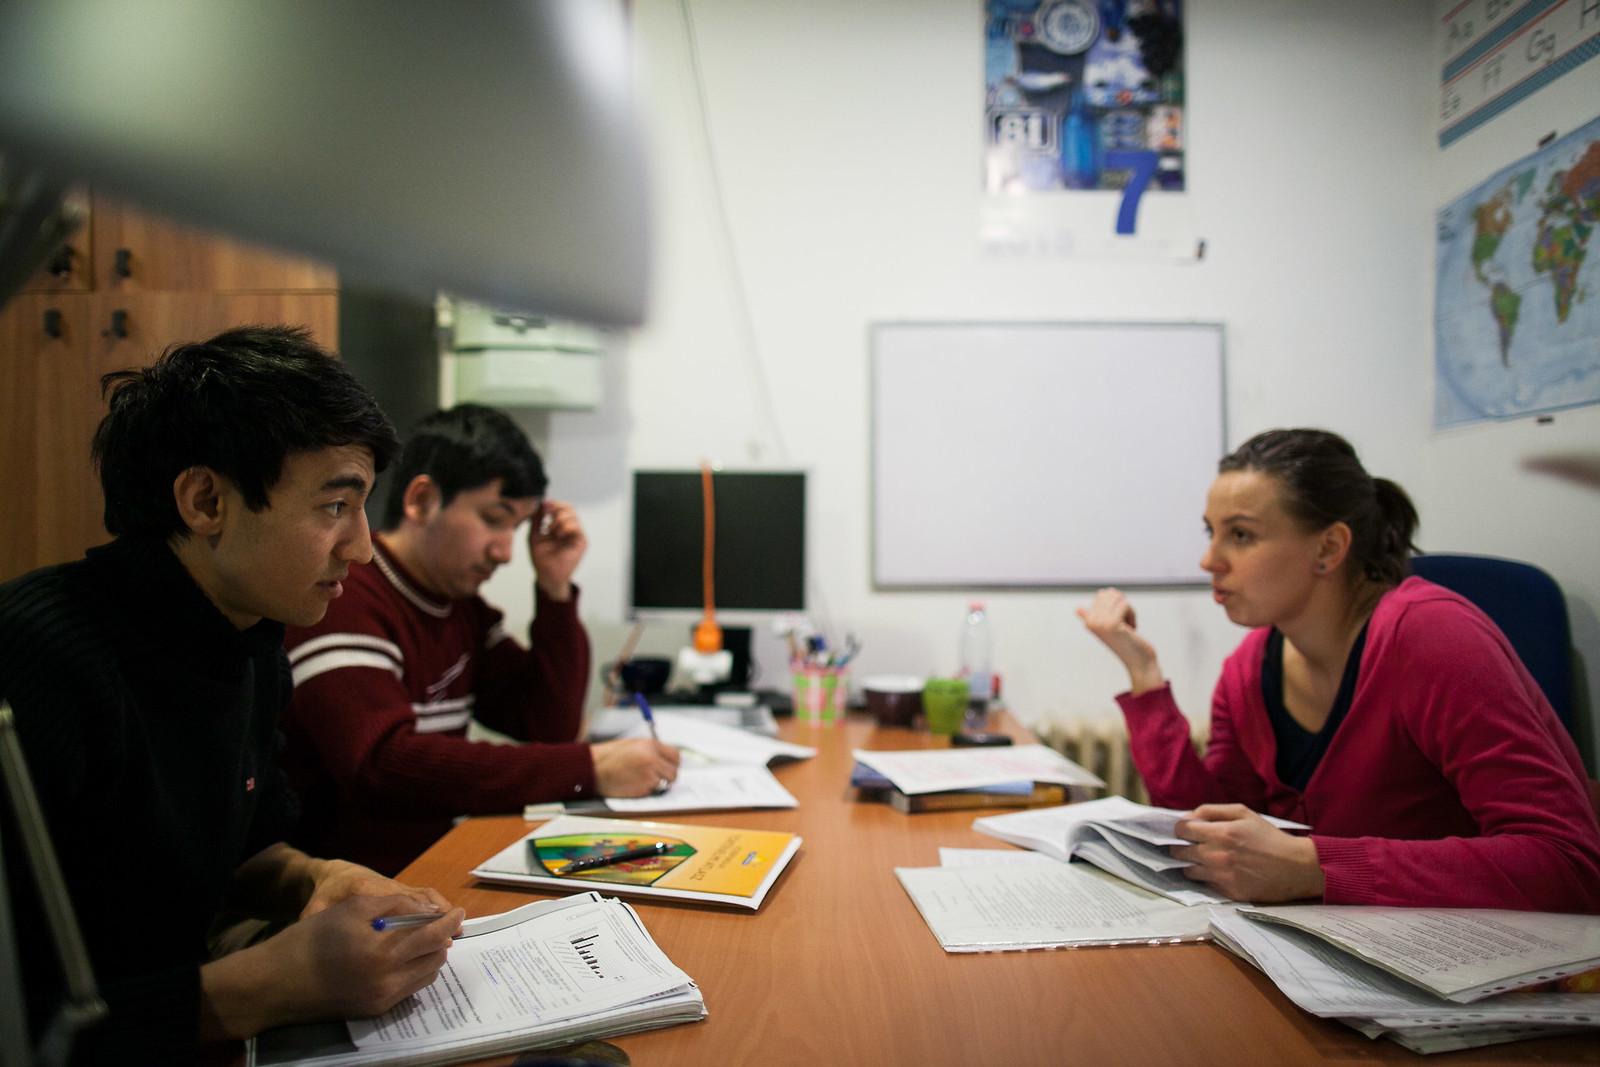 A Református Misszió Migráns Tanoda és Iskolai Integráció programja Budapesten, 2015-ben | Fotó: Magócsi Márton